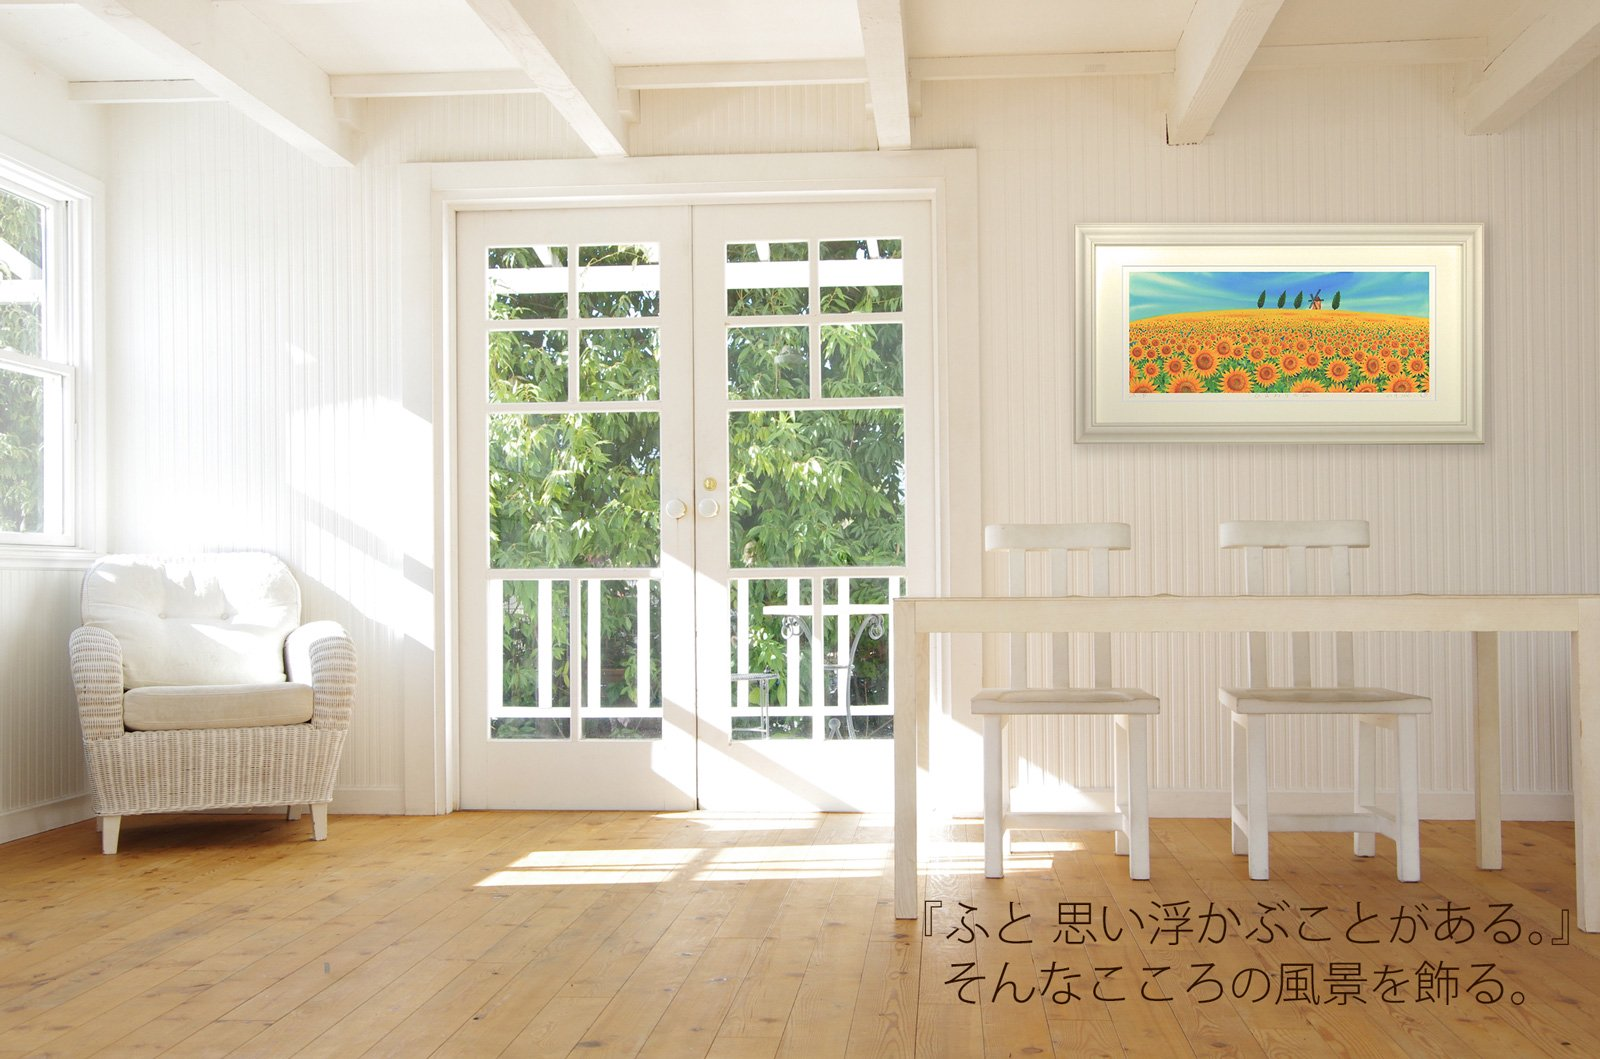 《絵画 水彩画》菜の花の丘3〔栗乃木ハルミ くりのきはるみ 〕